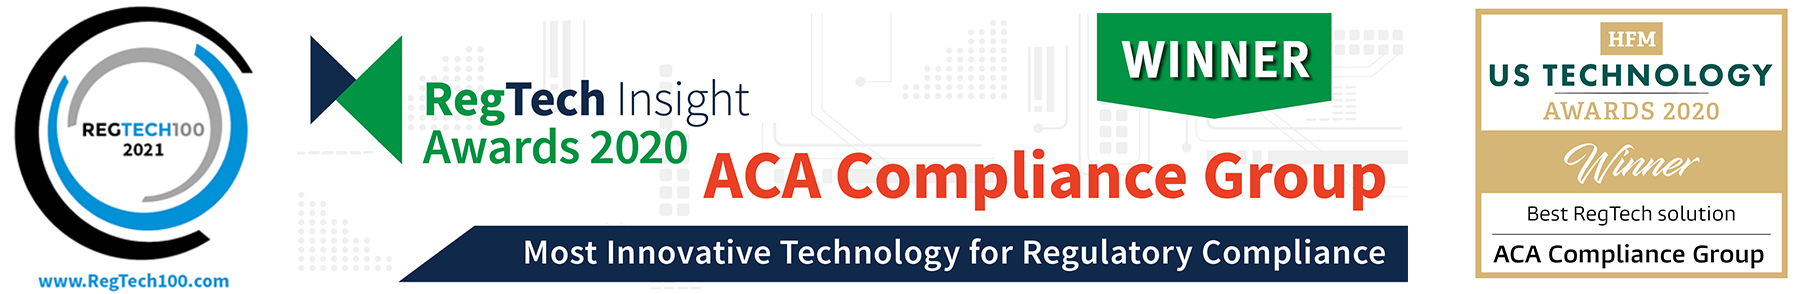 ACA RegTech awards logos